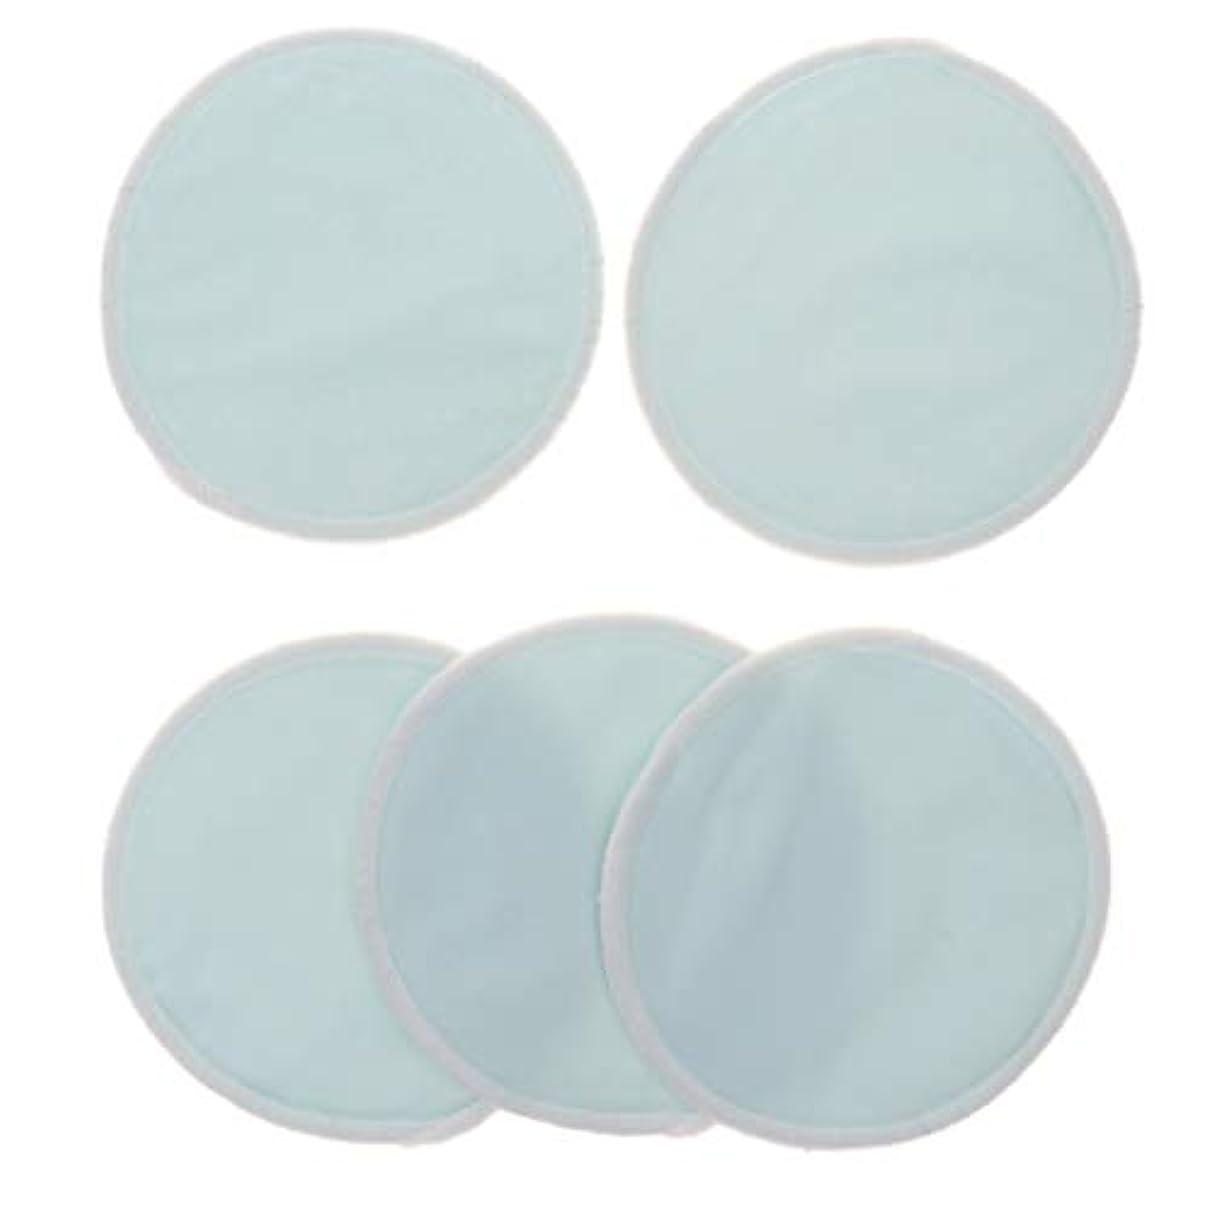 保育園上級処分した5個 クレンジングシート 胸パッド 化粧用 竹繊維 円形 12cm 洗える 再使用可能 耐久性 全5色 - 青